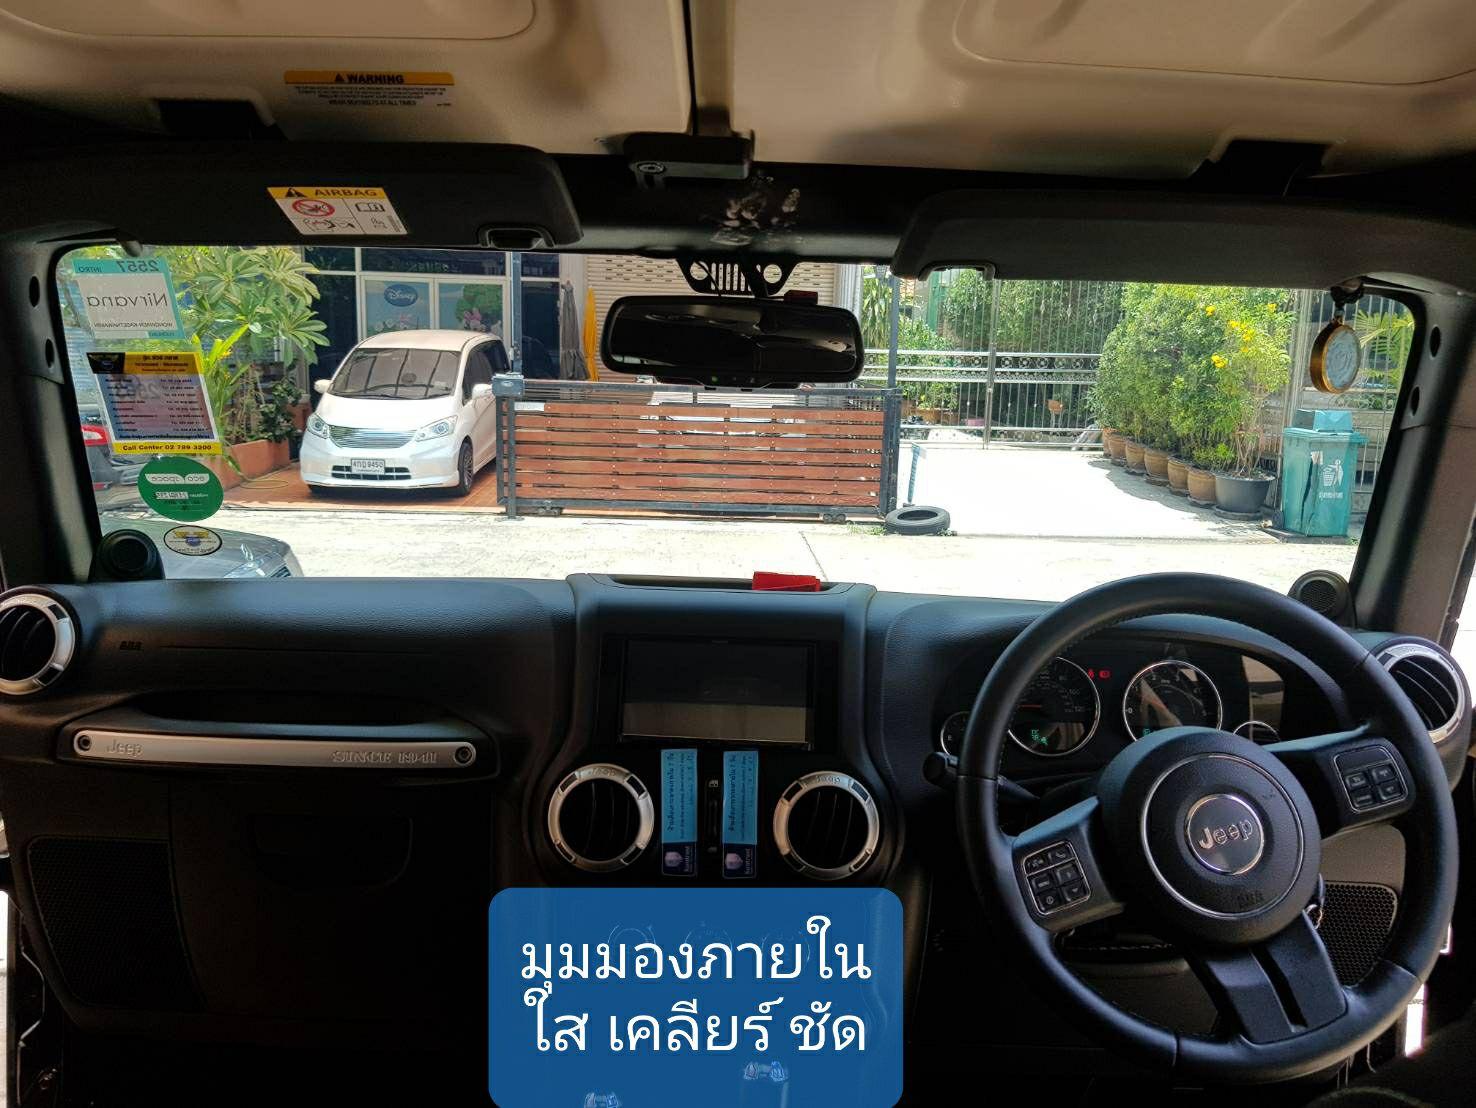 ขอต้อนรับ Jeep Wrangler Sahara.........SUV Off Road พันธุ์ดุขนานแท้สายเลือดอเมริกัน ที่ผสมผสานกันอย่างลงตัวกับฟิล์มโฟโตโครมิกสายเลือดเยอรมัน